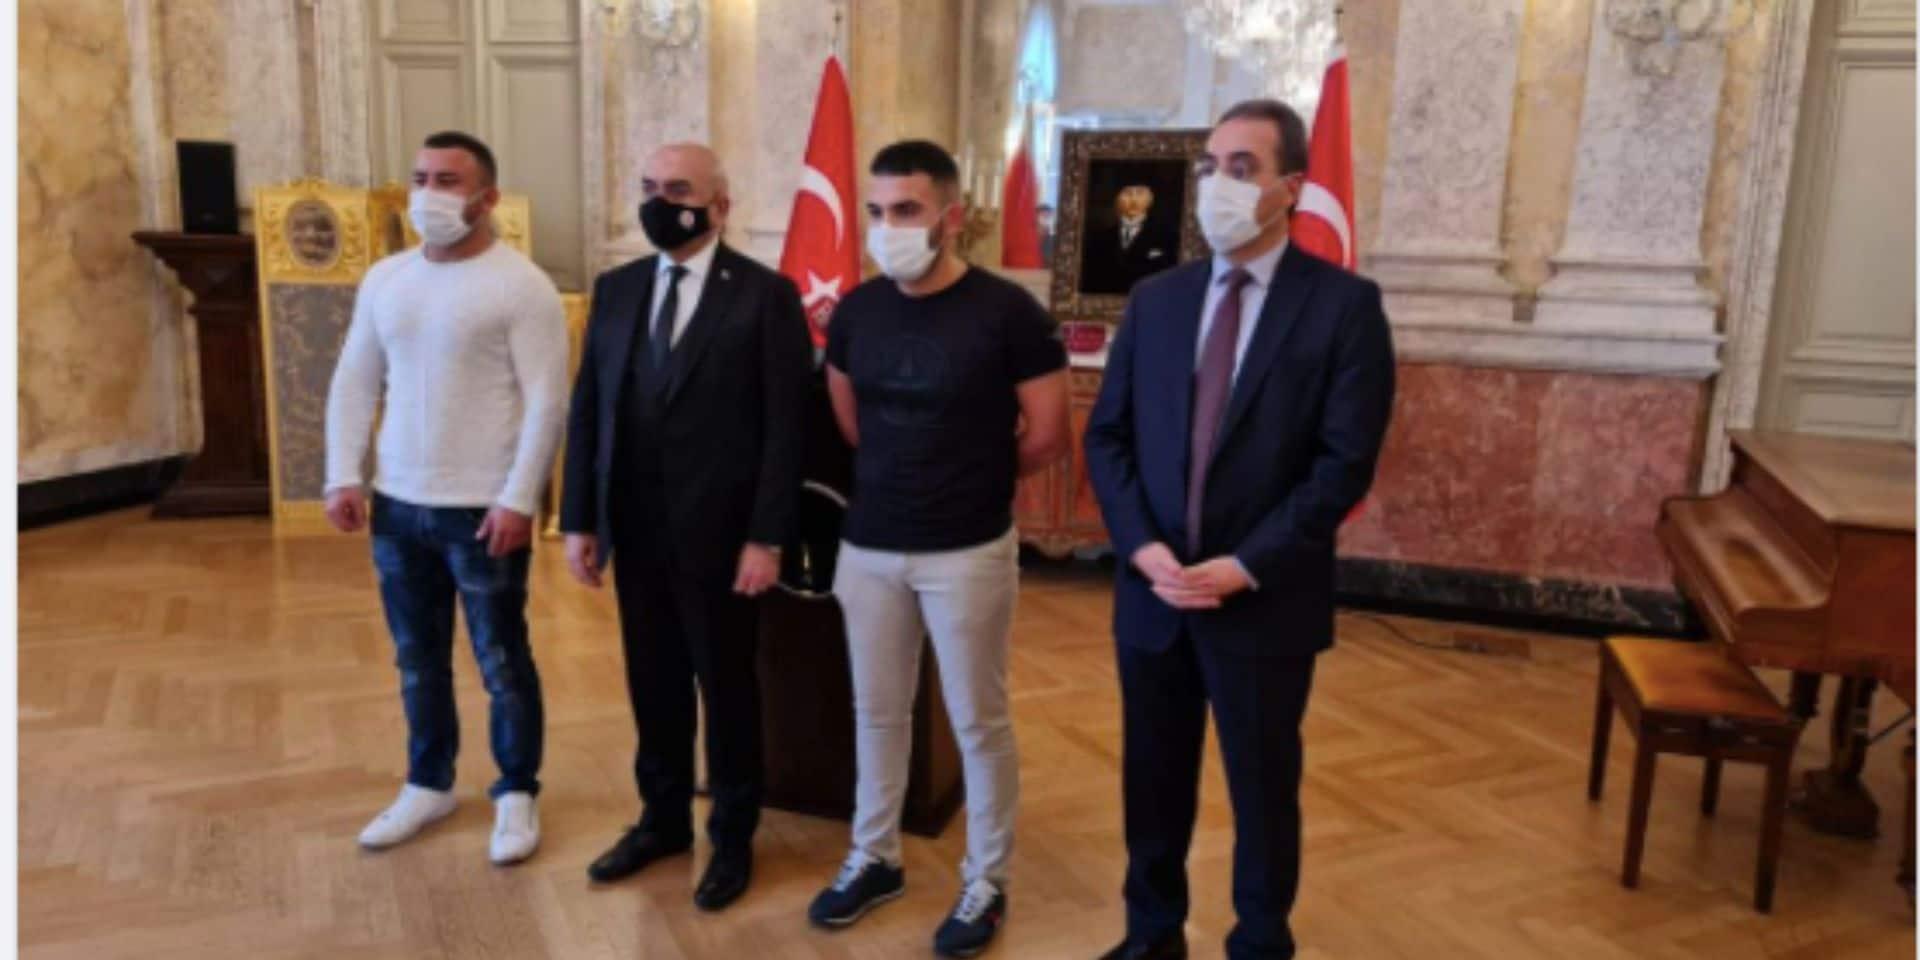 Attaque terroriste en Autriche : deux jeunes Viennois ont sauvé un policier